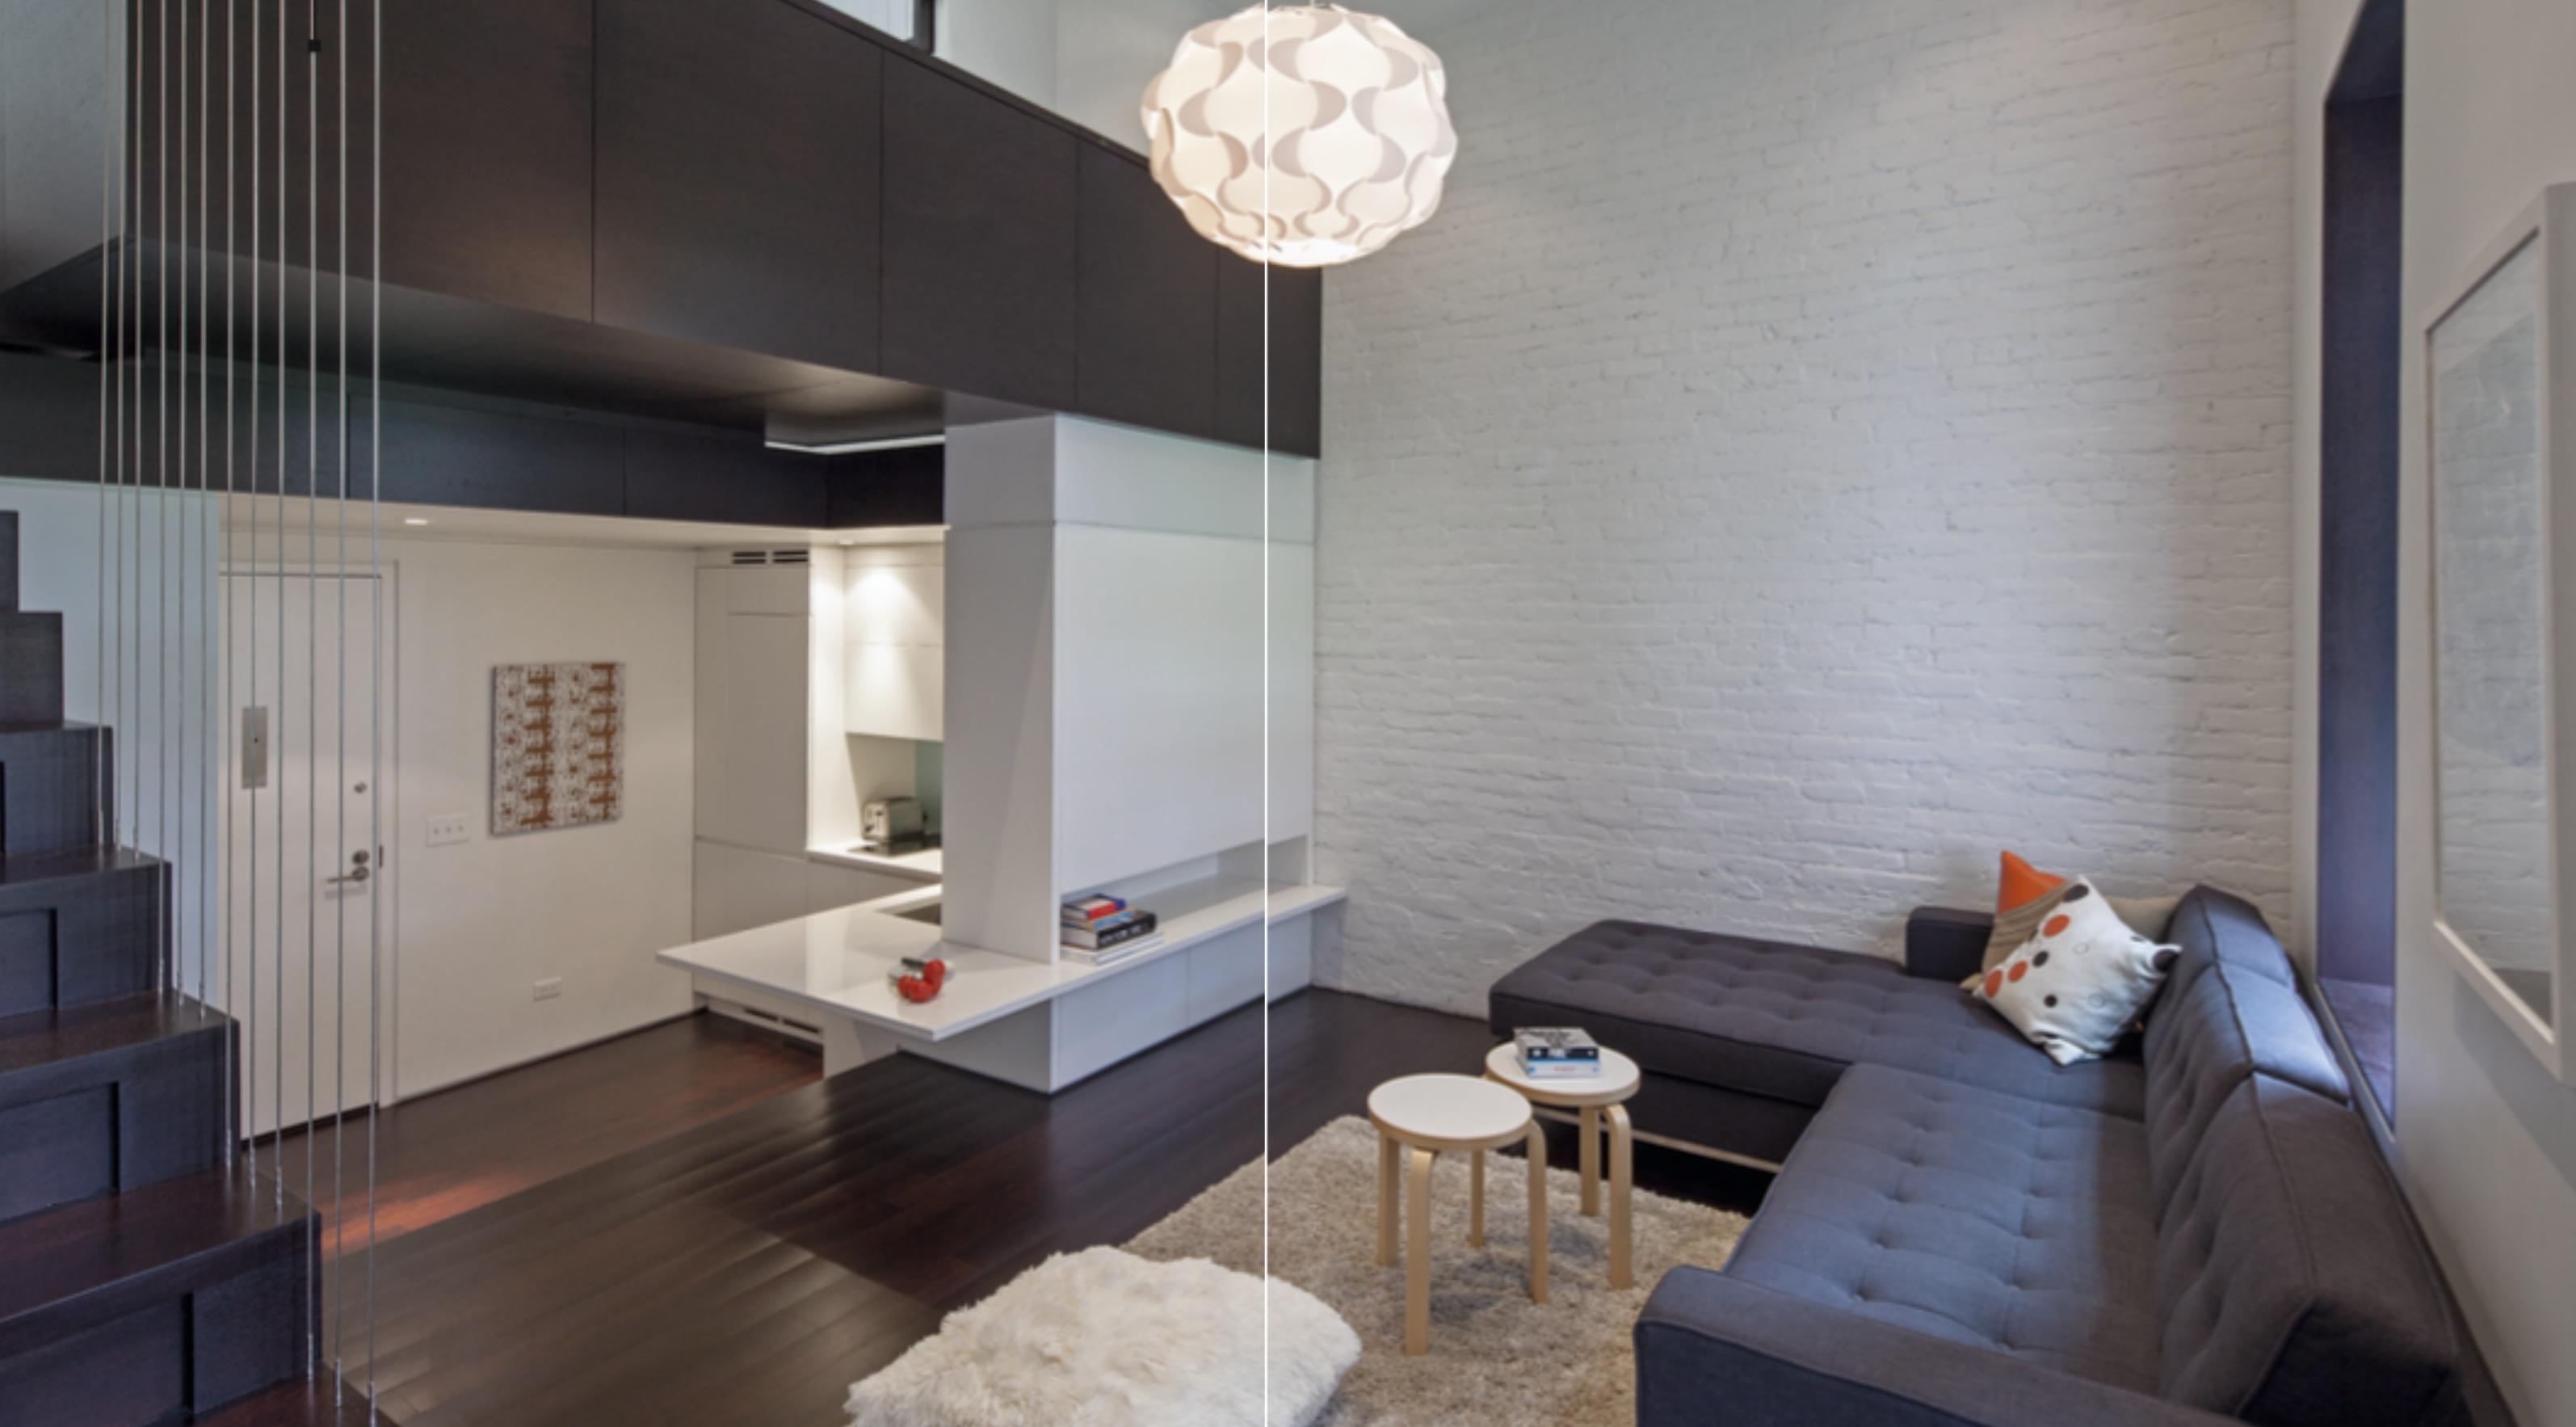 ... Di Capire Immediatamente Le Potenzialità Di Questo Mini Appartamento  Dellu0027Upper West Side Di Manhattan E Realizzare Il Restyling Di Un Loft.